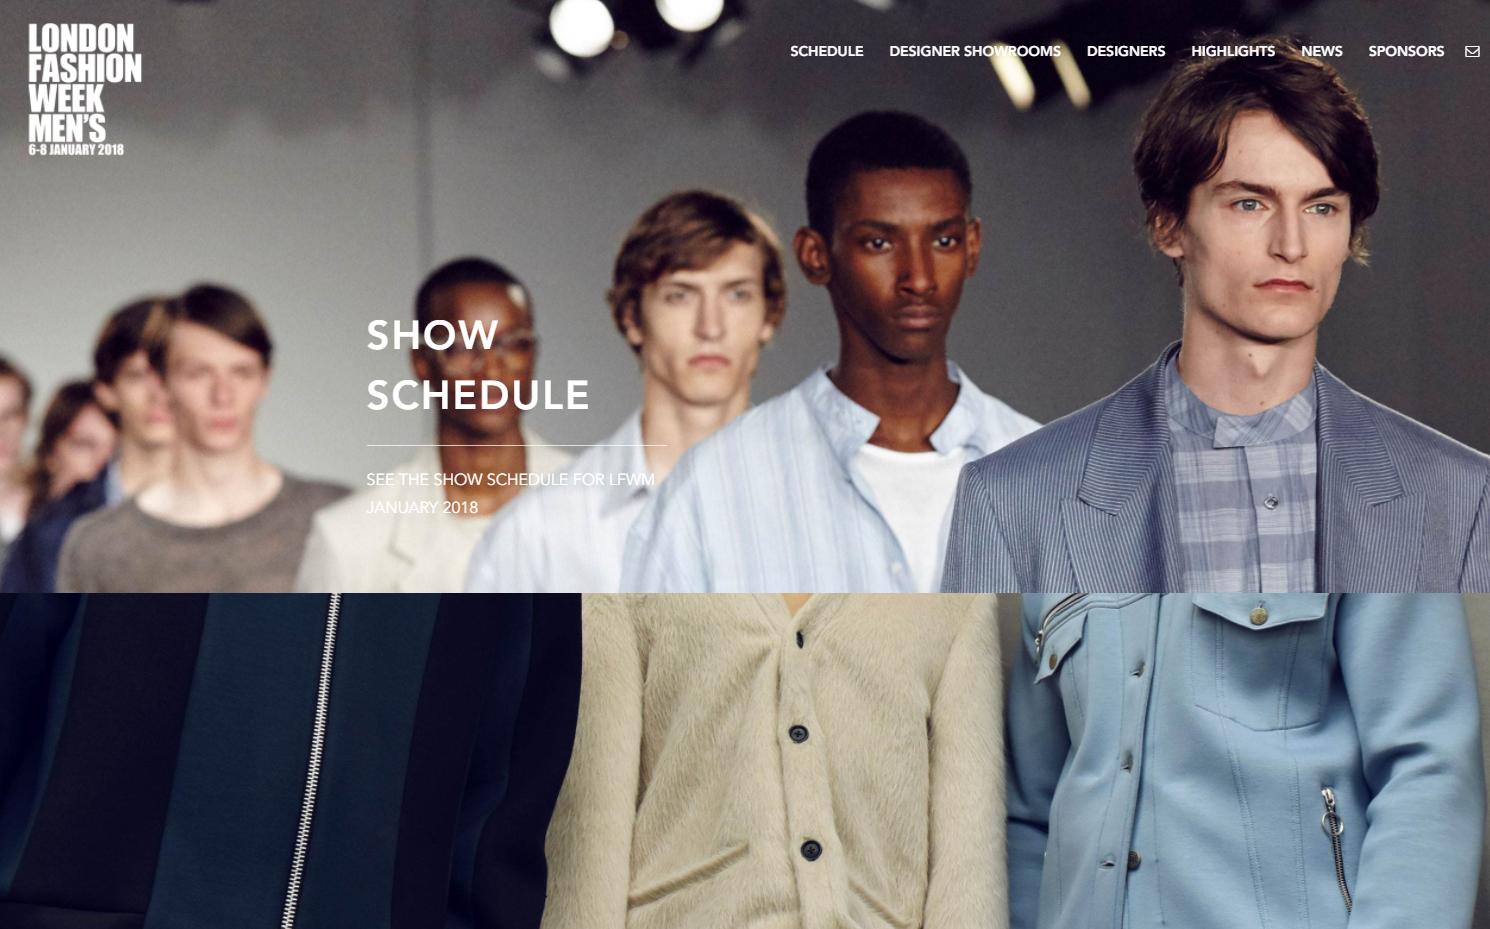 伦敦男装周最新数字化展示扶持年轻设计师0.png